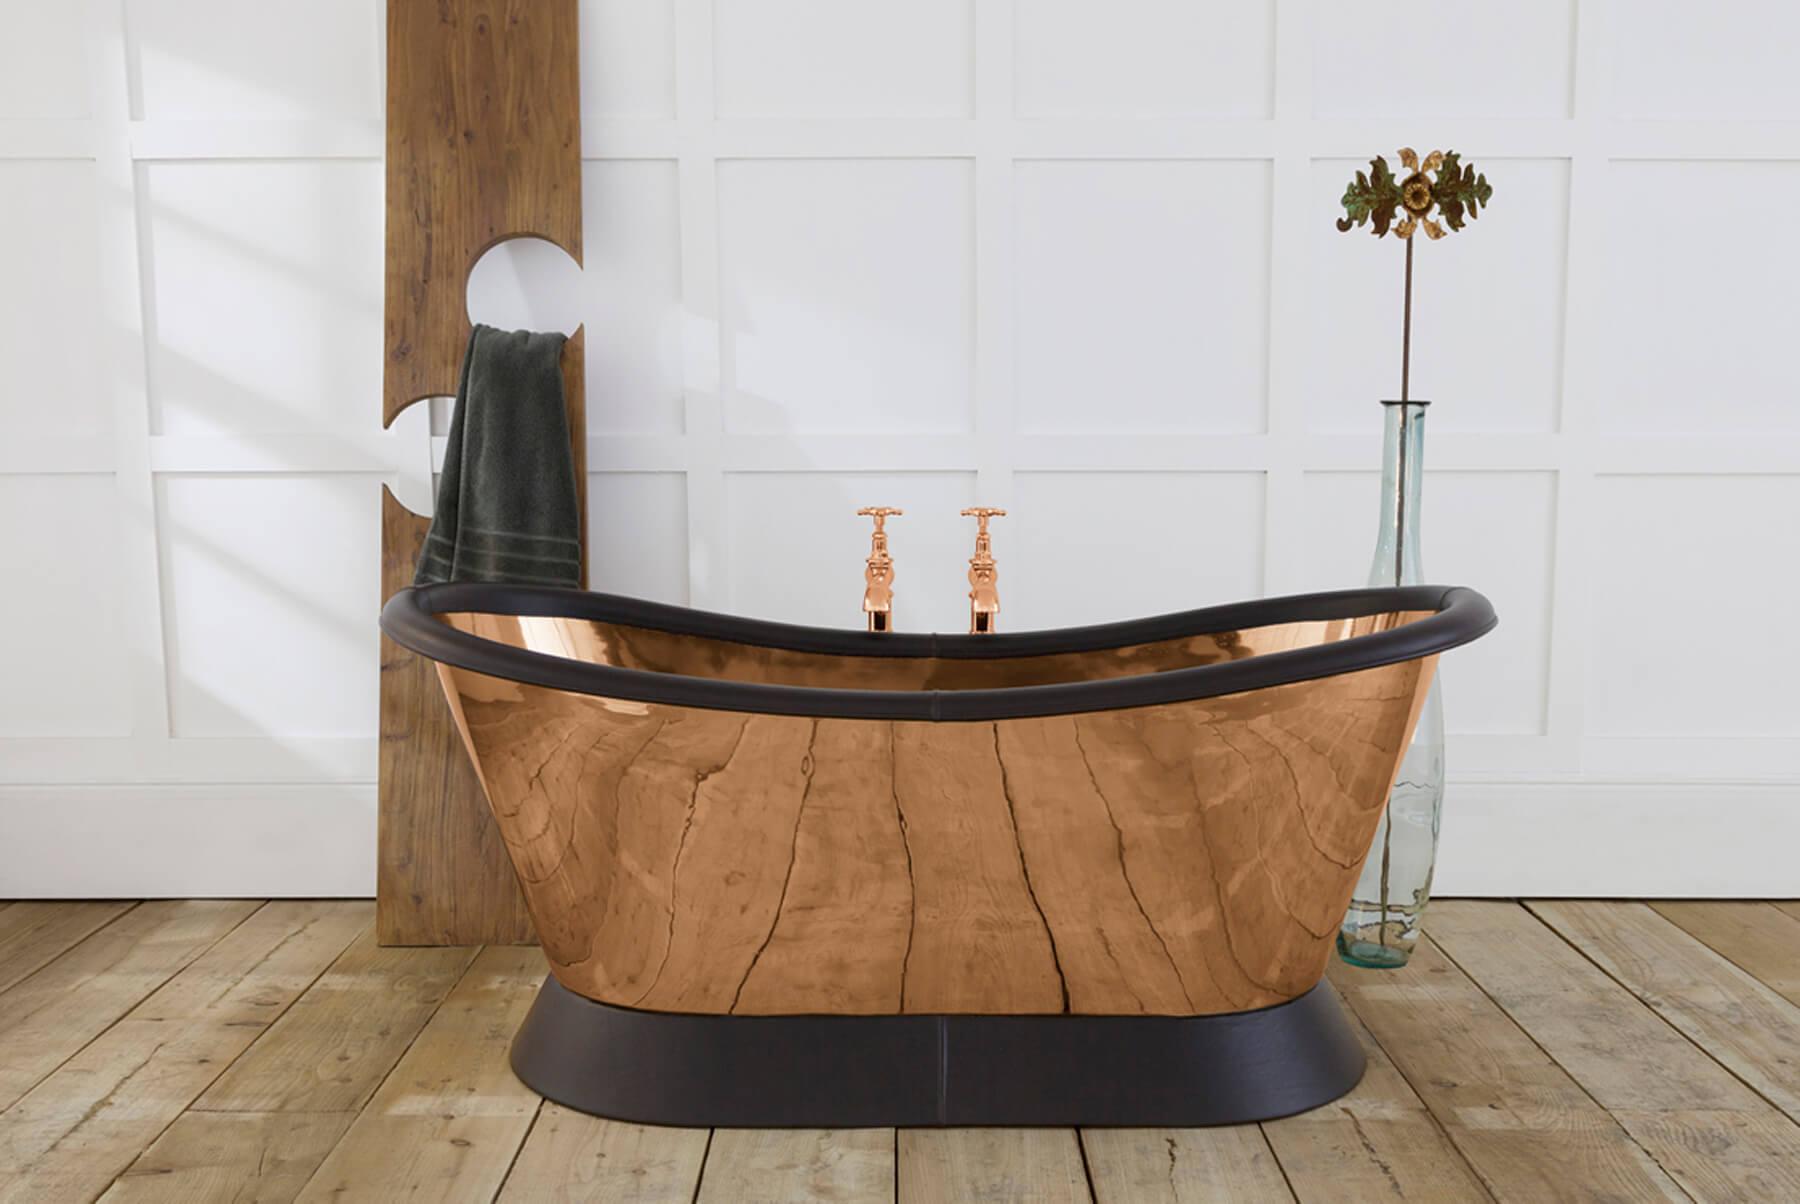 Bath-Tubs-hurlinghma-copper-bateau-conway-leather-plinth-roll-1800x1204